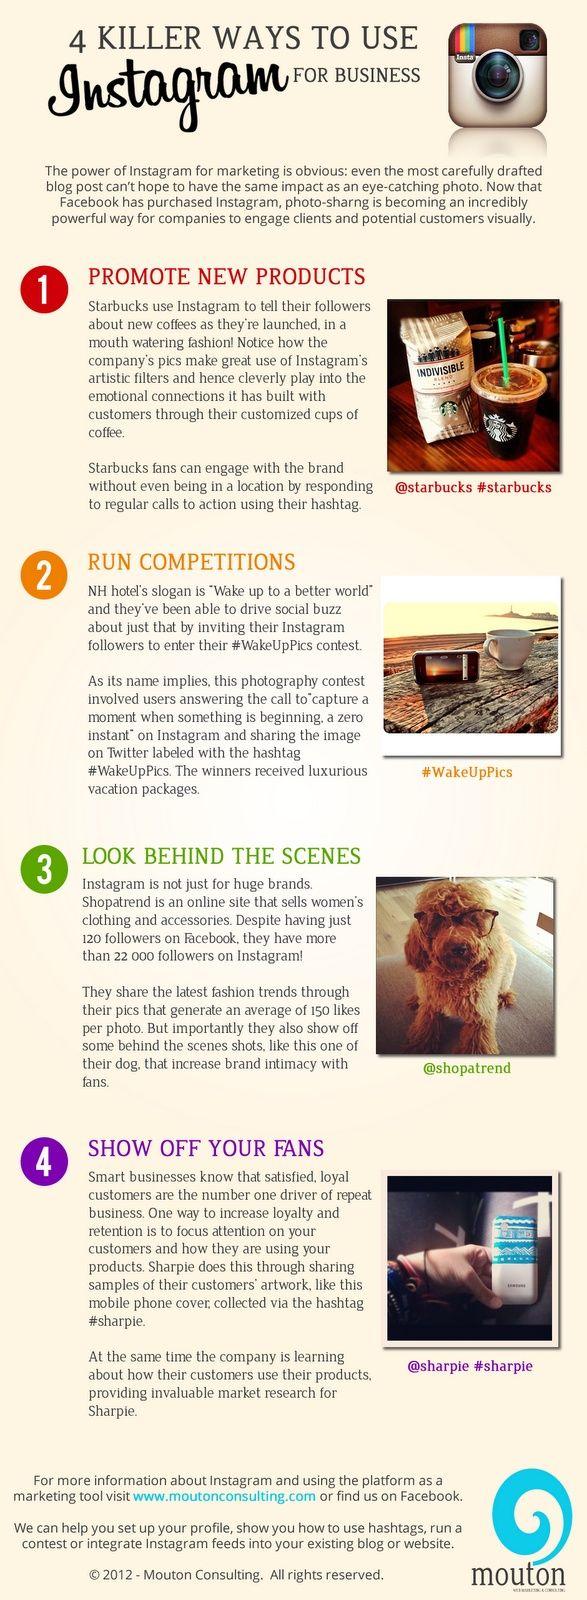 5 modi per ottenere il meglio da Instagram | 5 Ways to Get the Most Out of #instagram  #infographic